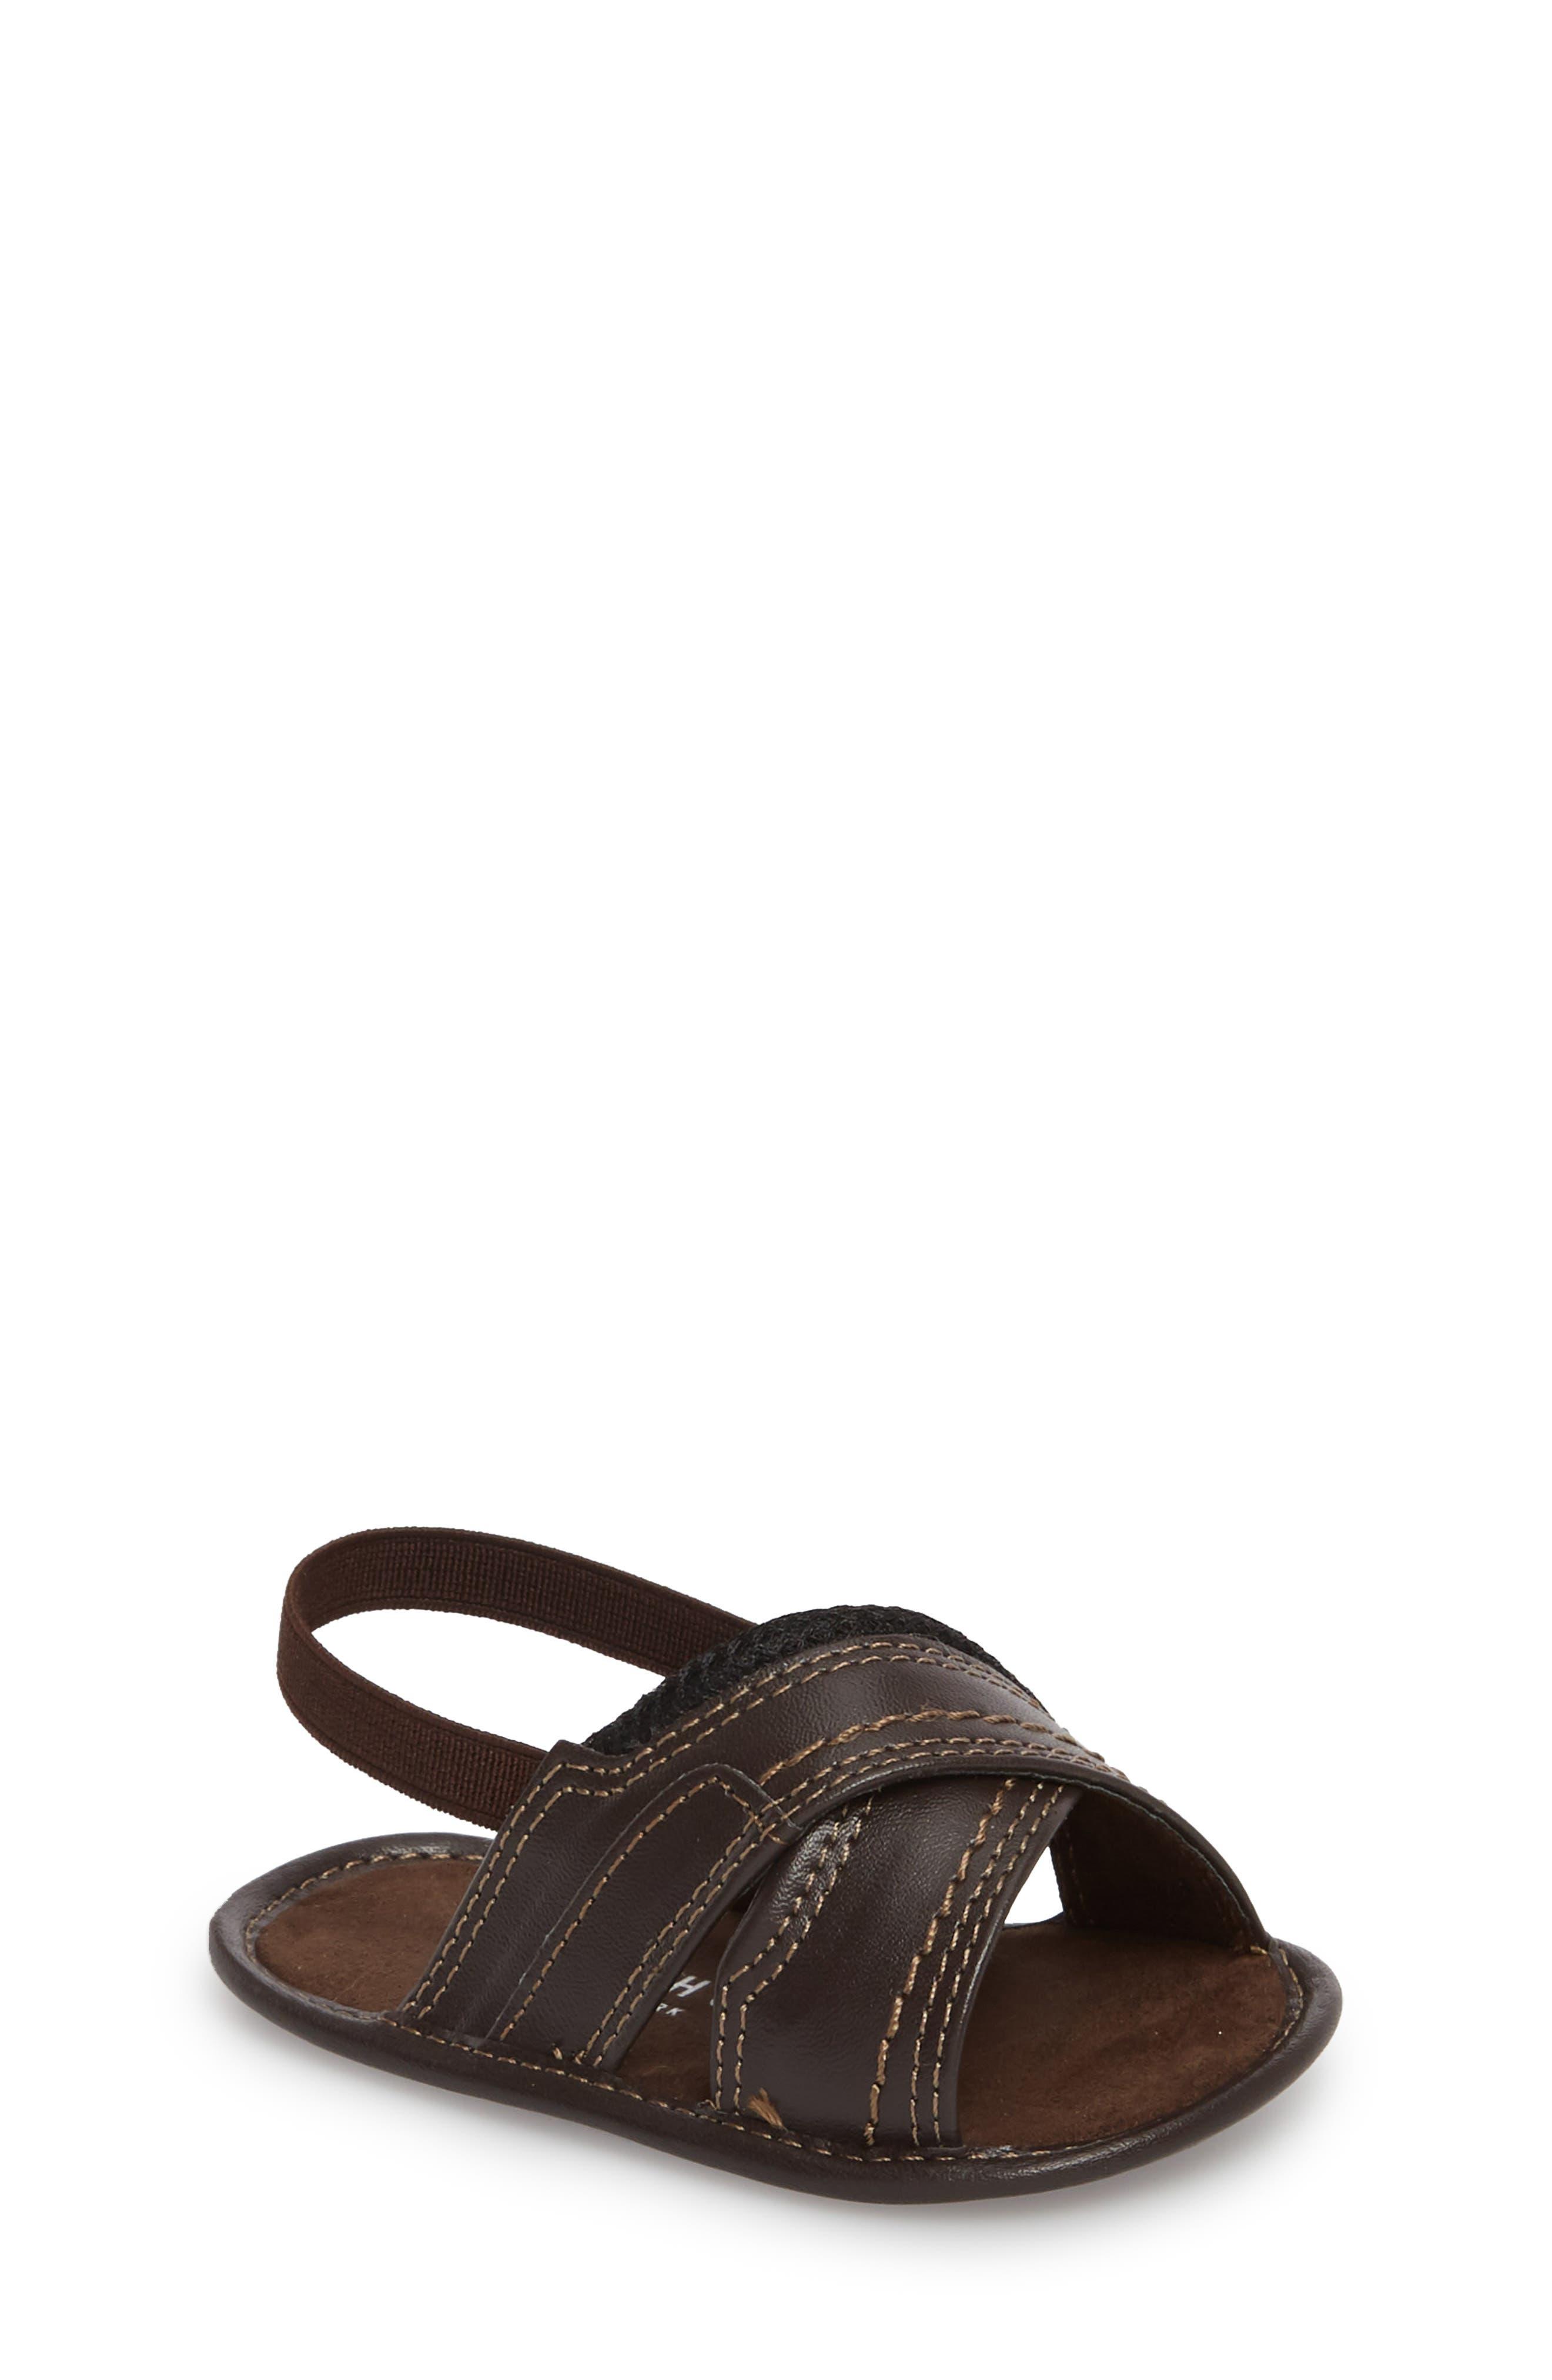 Leaf Sandal,                         Main,                         color, 204